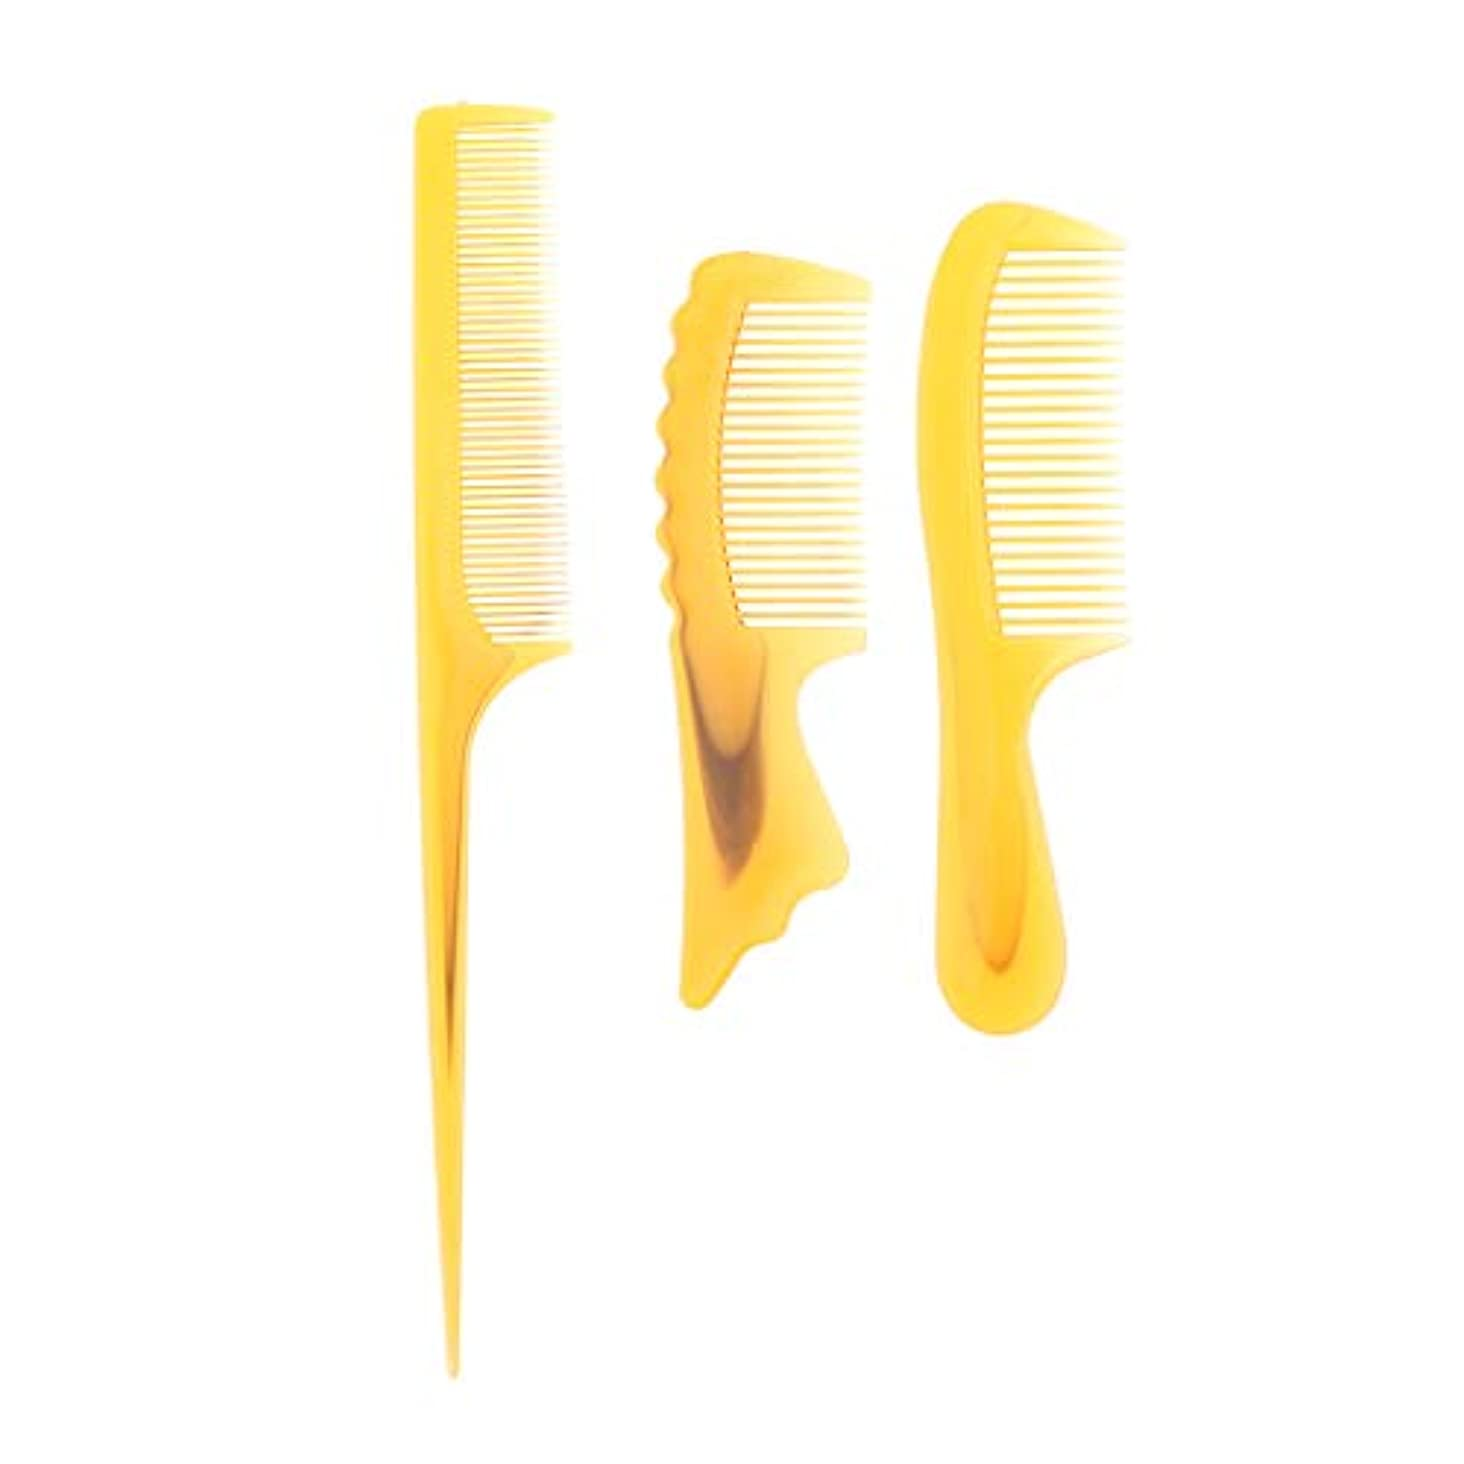 バスト思春期の同情B Baosity 3個 ヘアコーム 静電防止櫛 コーム 理髪 美容師 ヘアケア